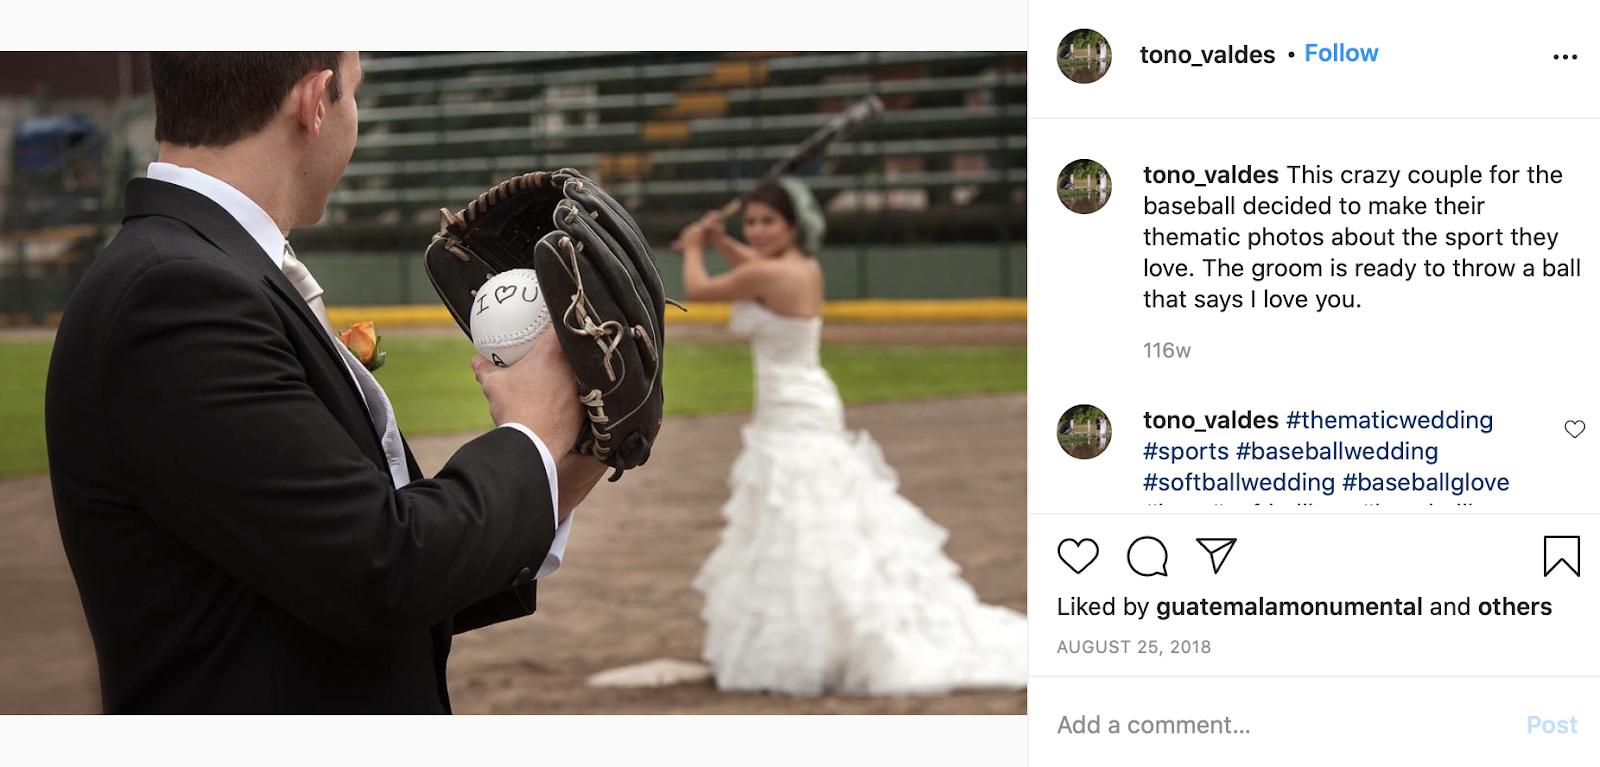 baseball couple wedding photo